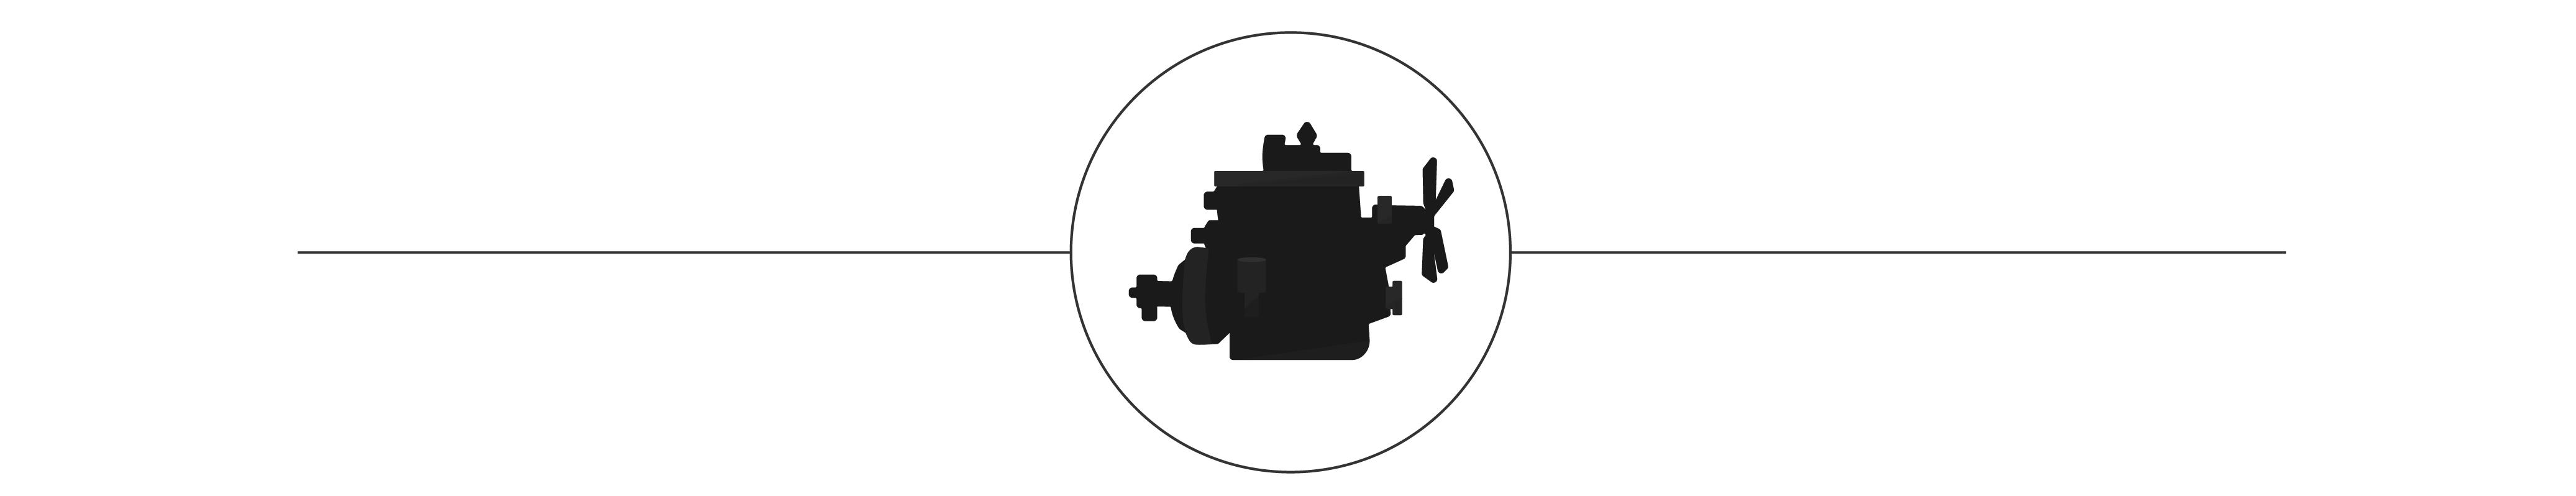 схема ходовая часть мерседеса